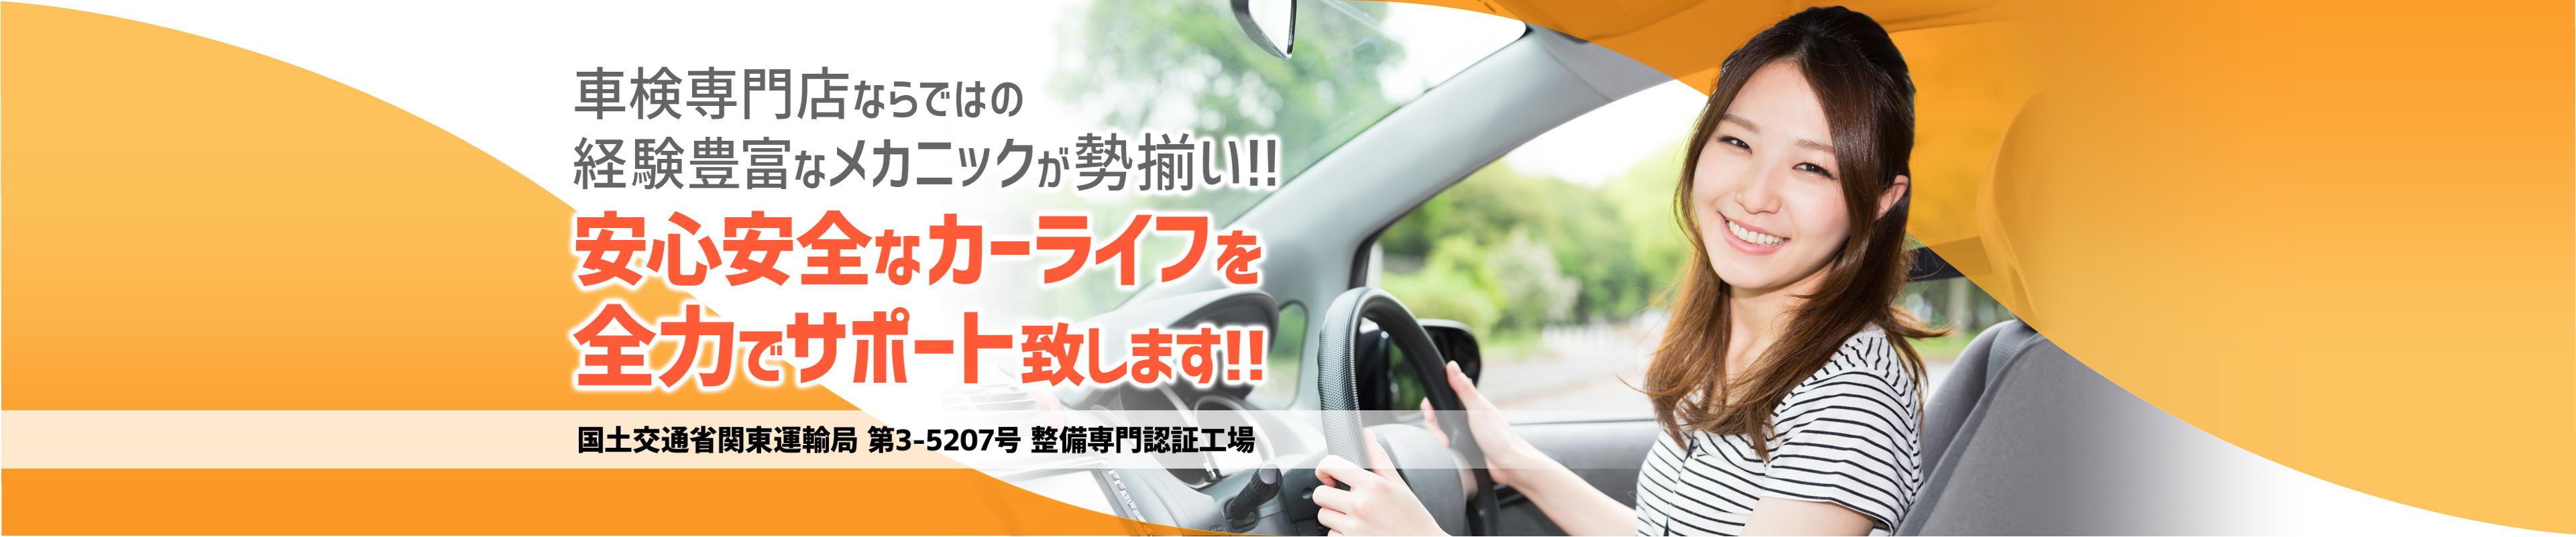 車検専門店ならではの経験豊富なメカニックが勢揃い!